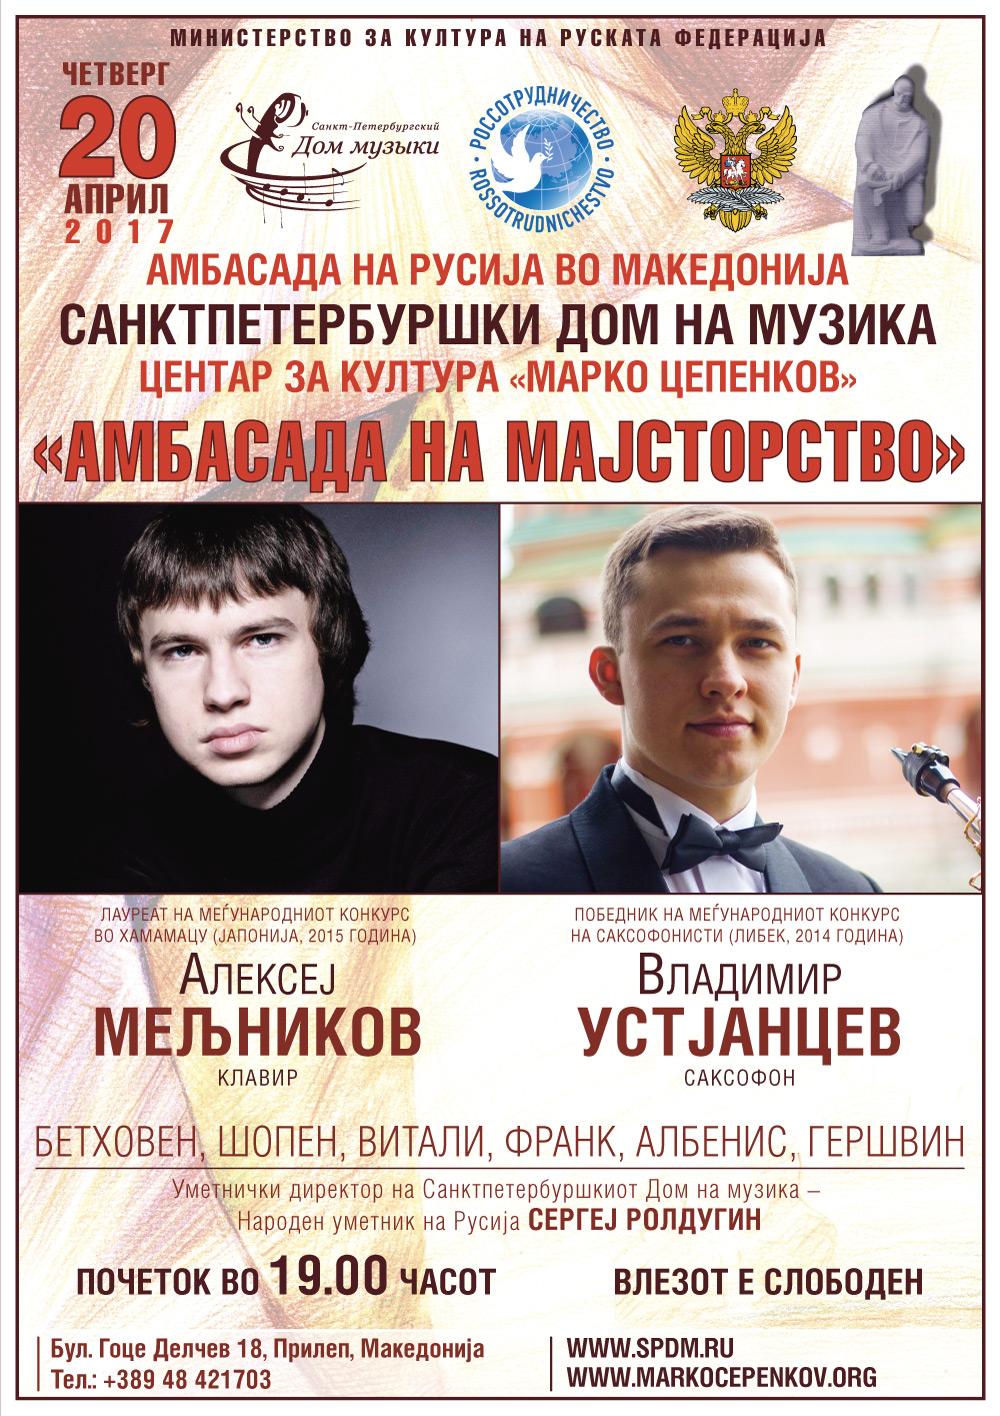 Концертот  Амбасада на мајсторството  во изведба на руски музичари вечерва во Прилеп